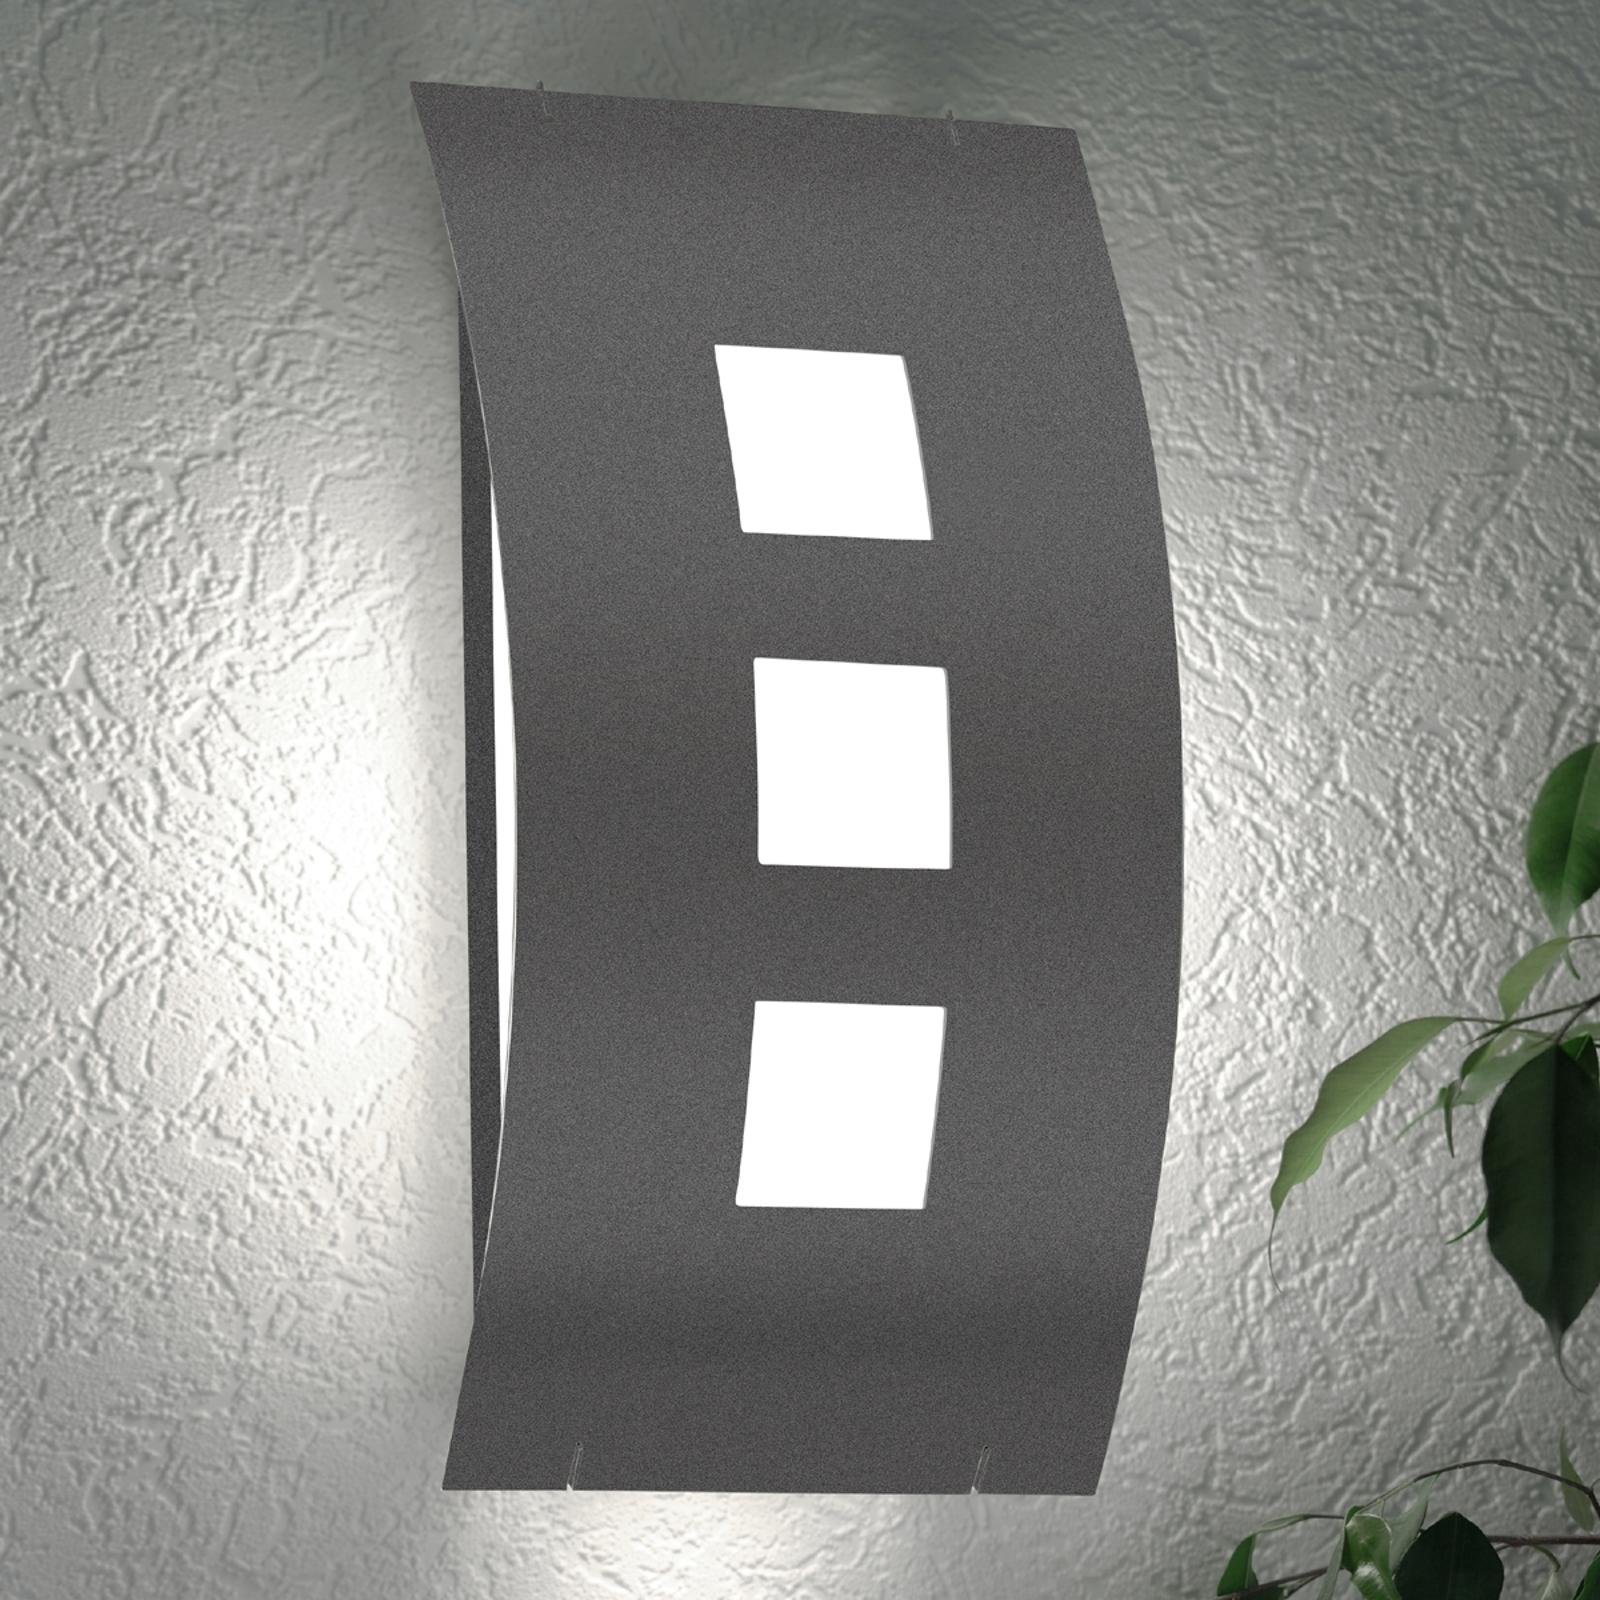 Graal RAL7016 outdoor wall light_2011225_1